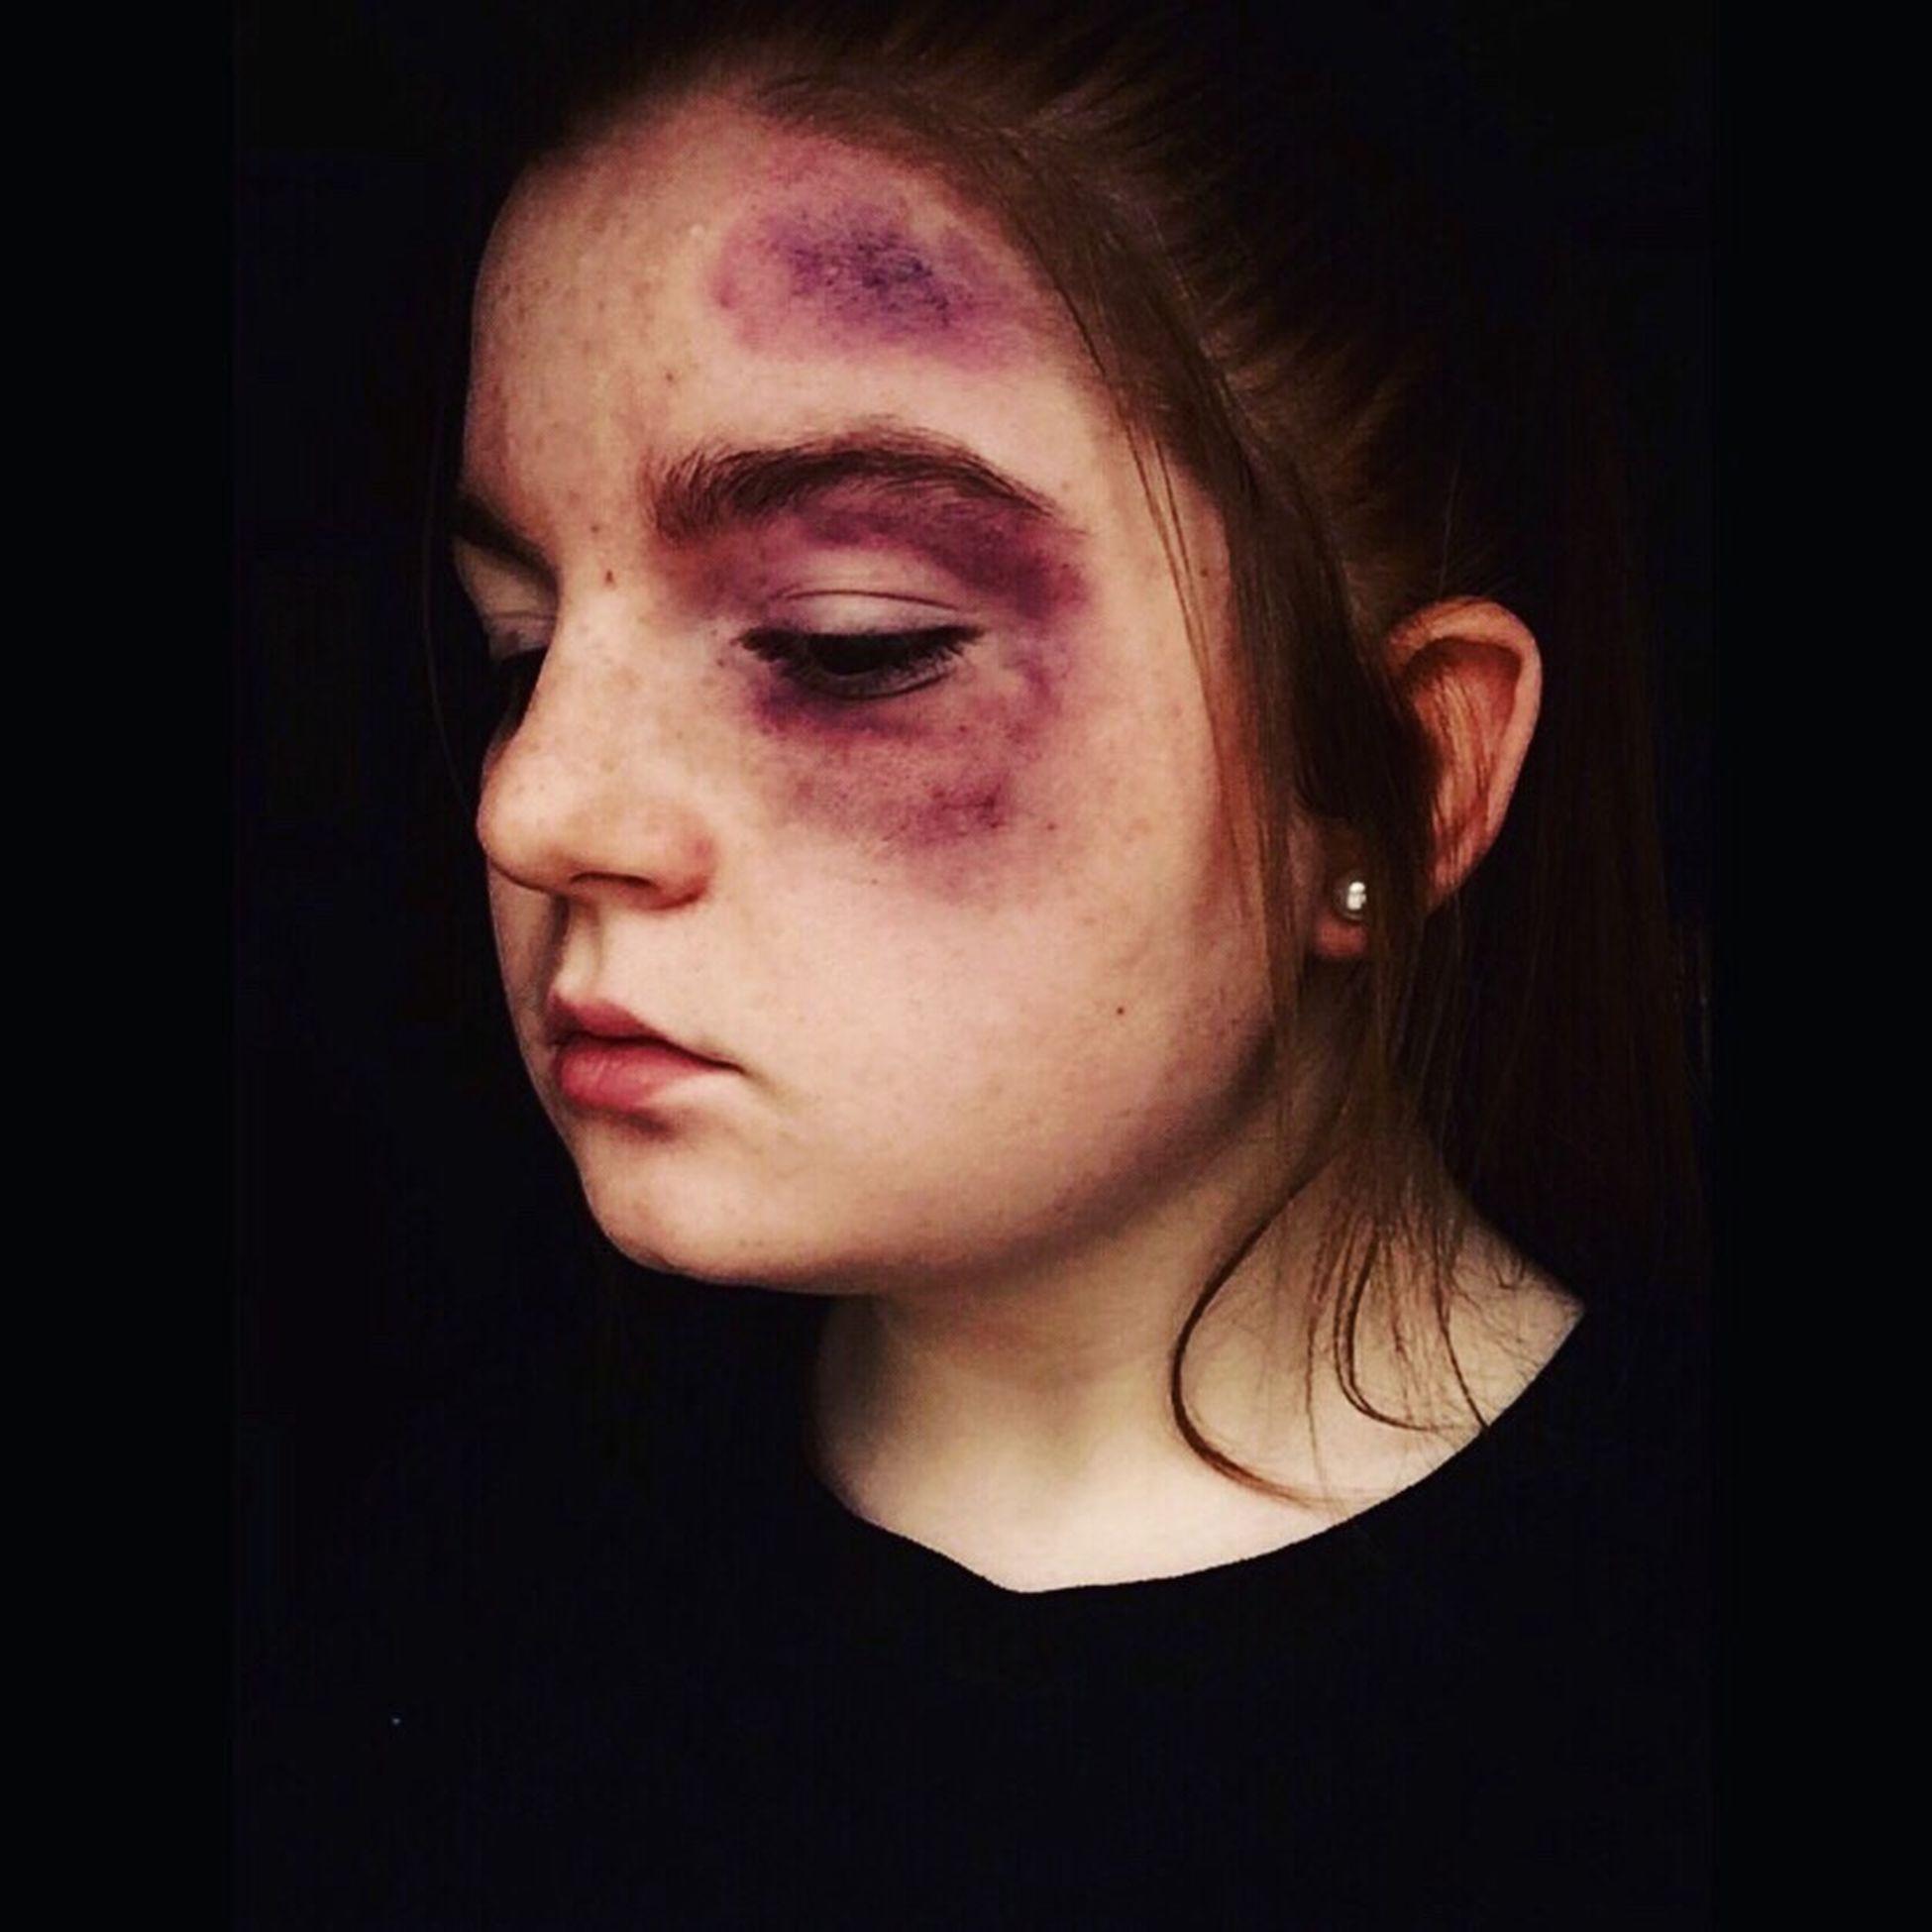 Beaten. Bruised